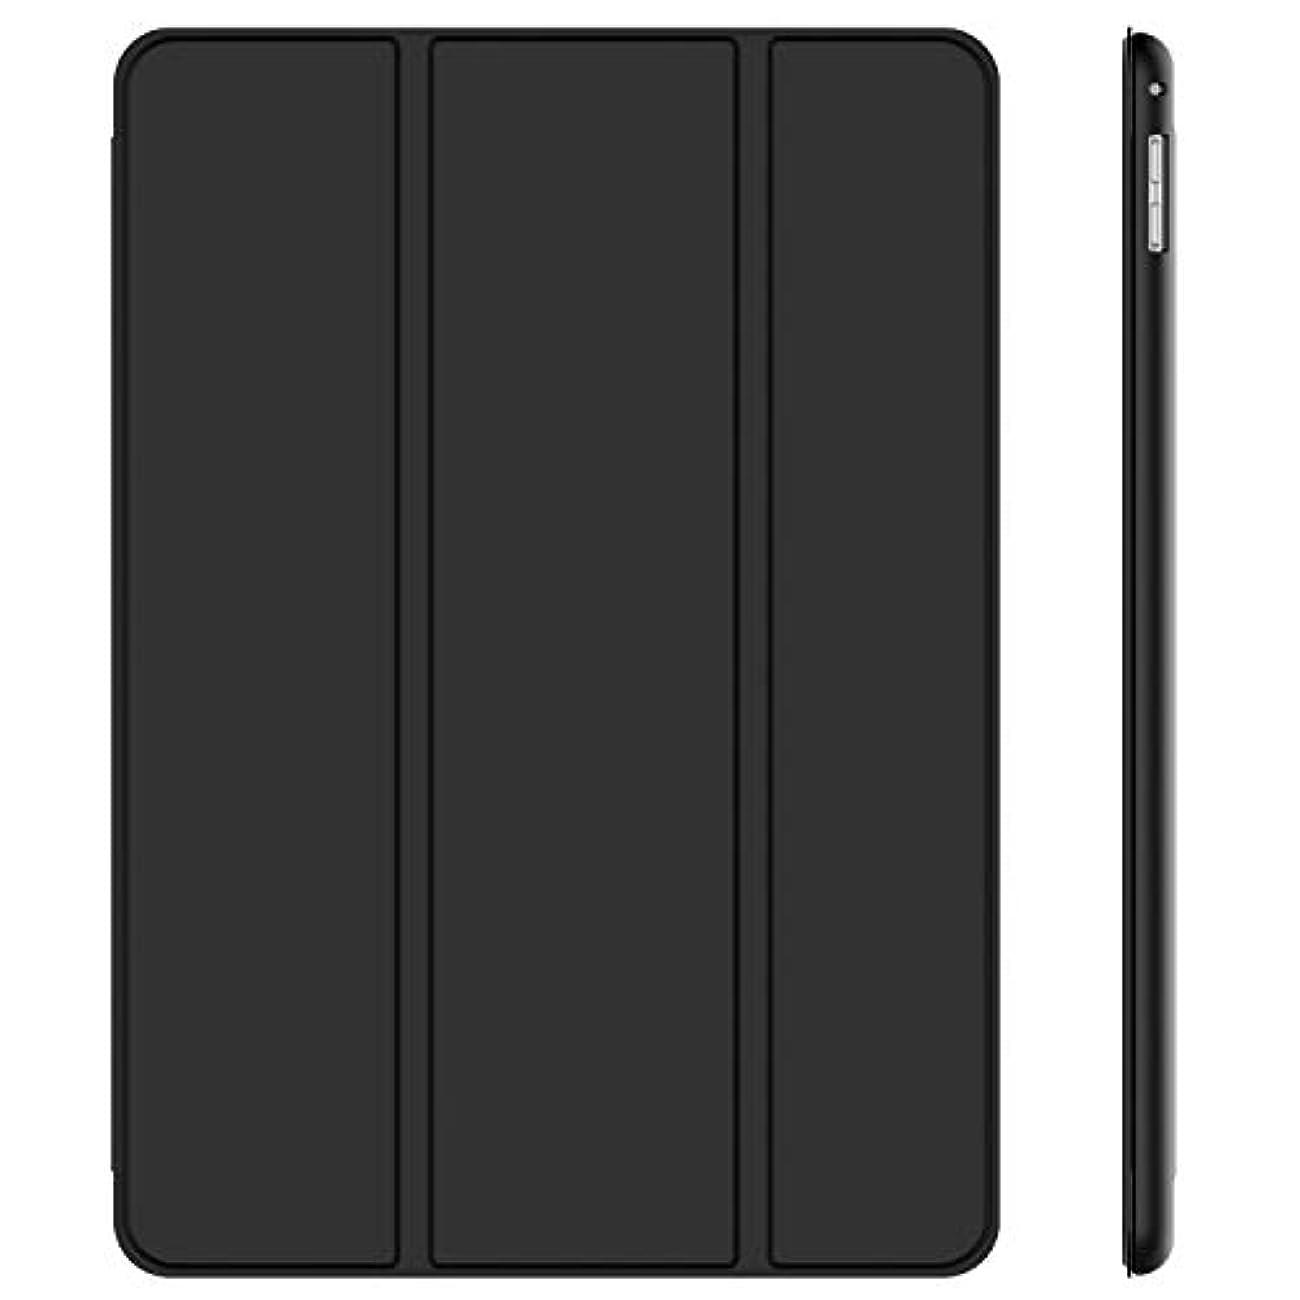 ブラインドメーカーそれにもかかわらずJEDirect iPad Pro 12.9 (2015/2017型) ケース レザー 三つ折スタンド オートスリープ機能 スマートカバー (ブラック)